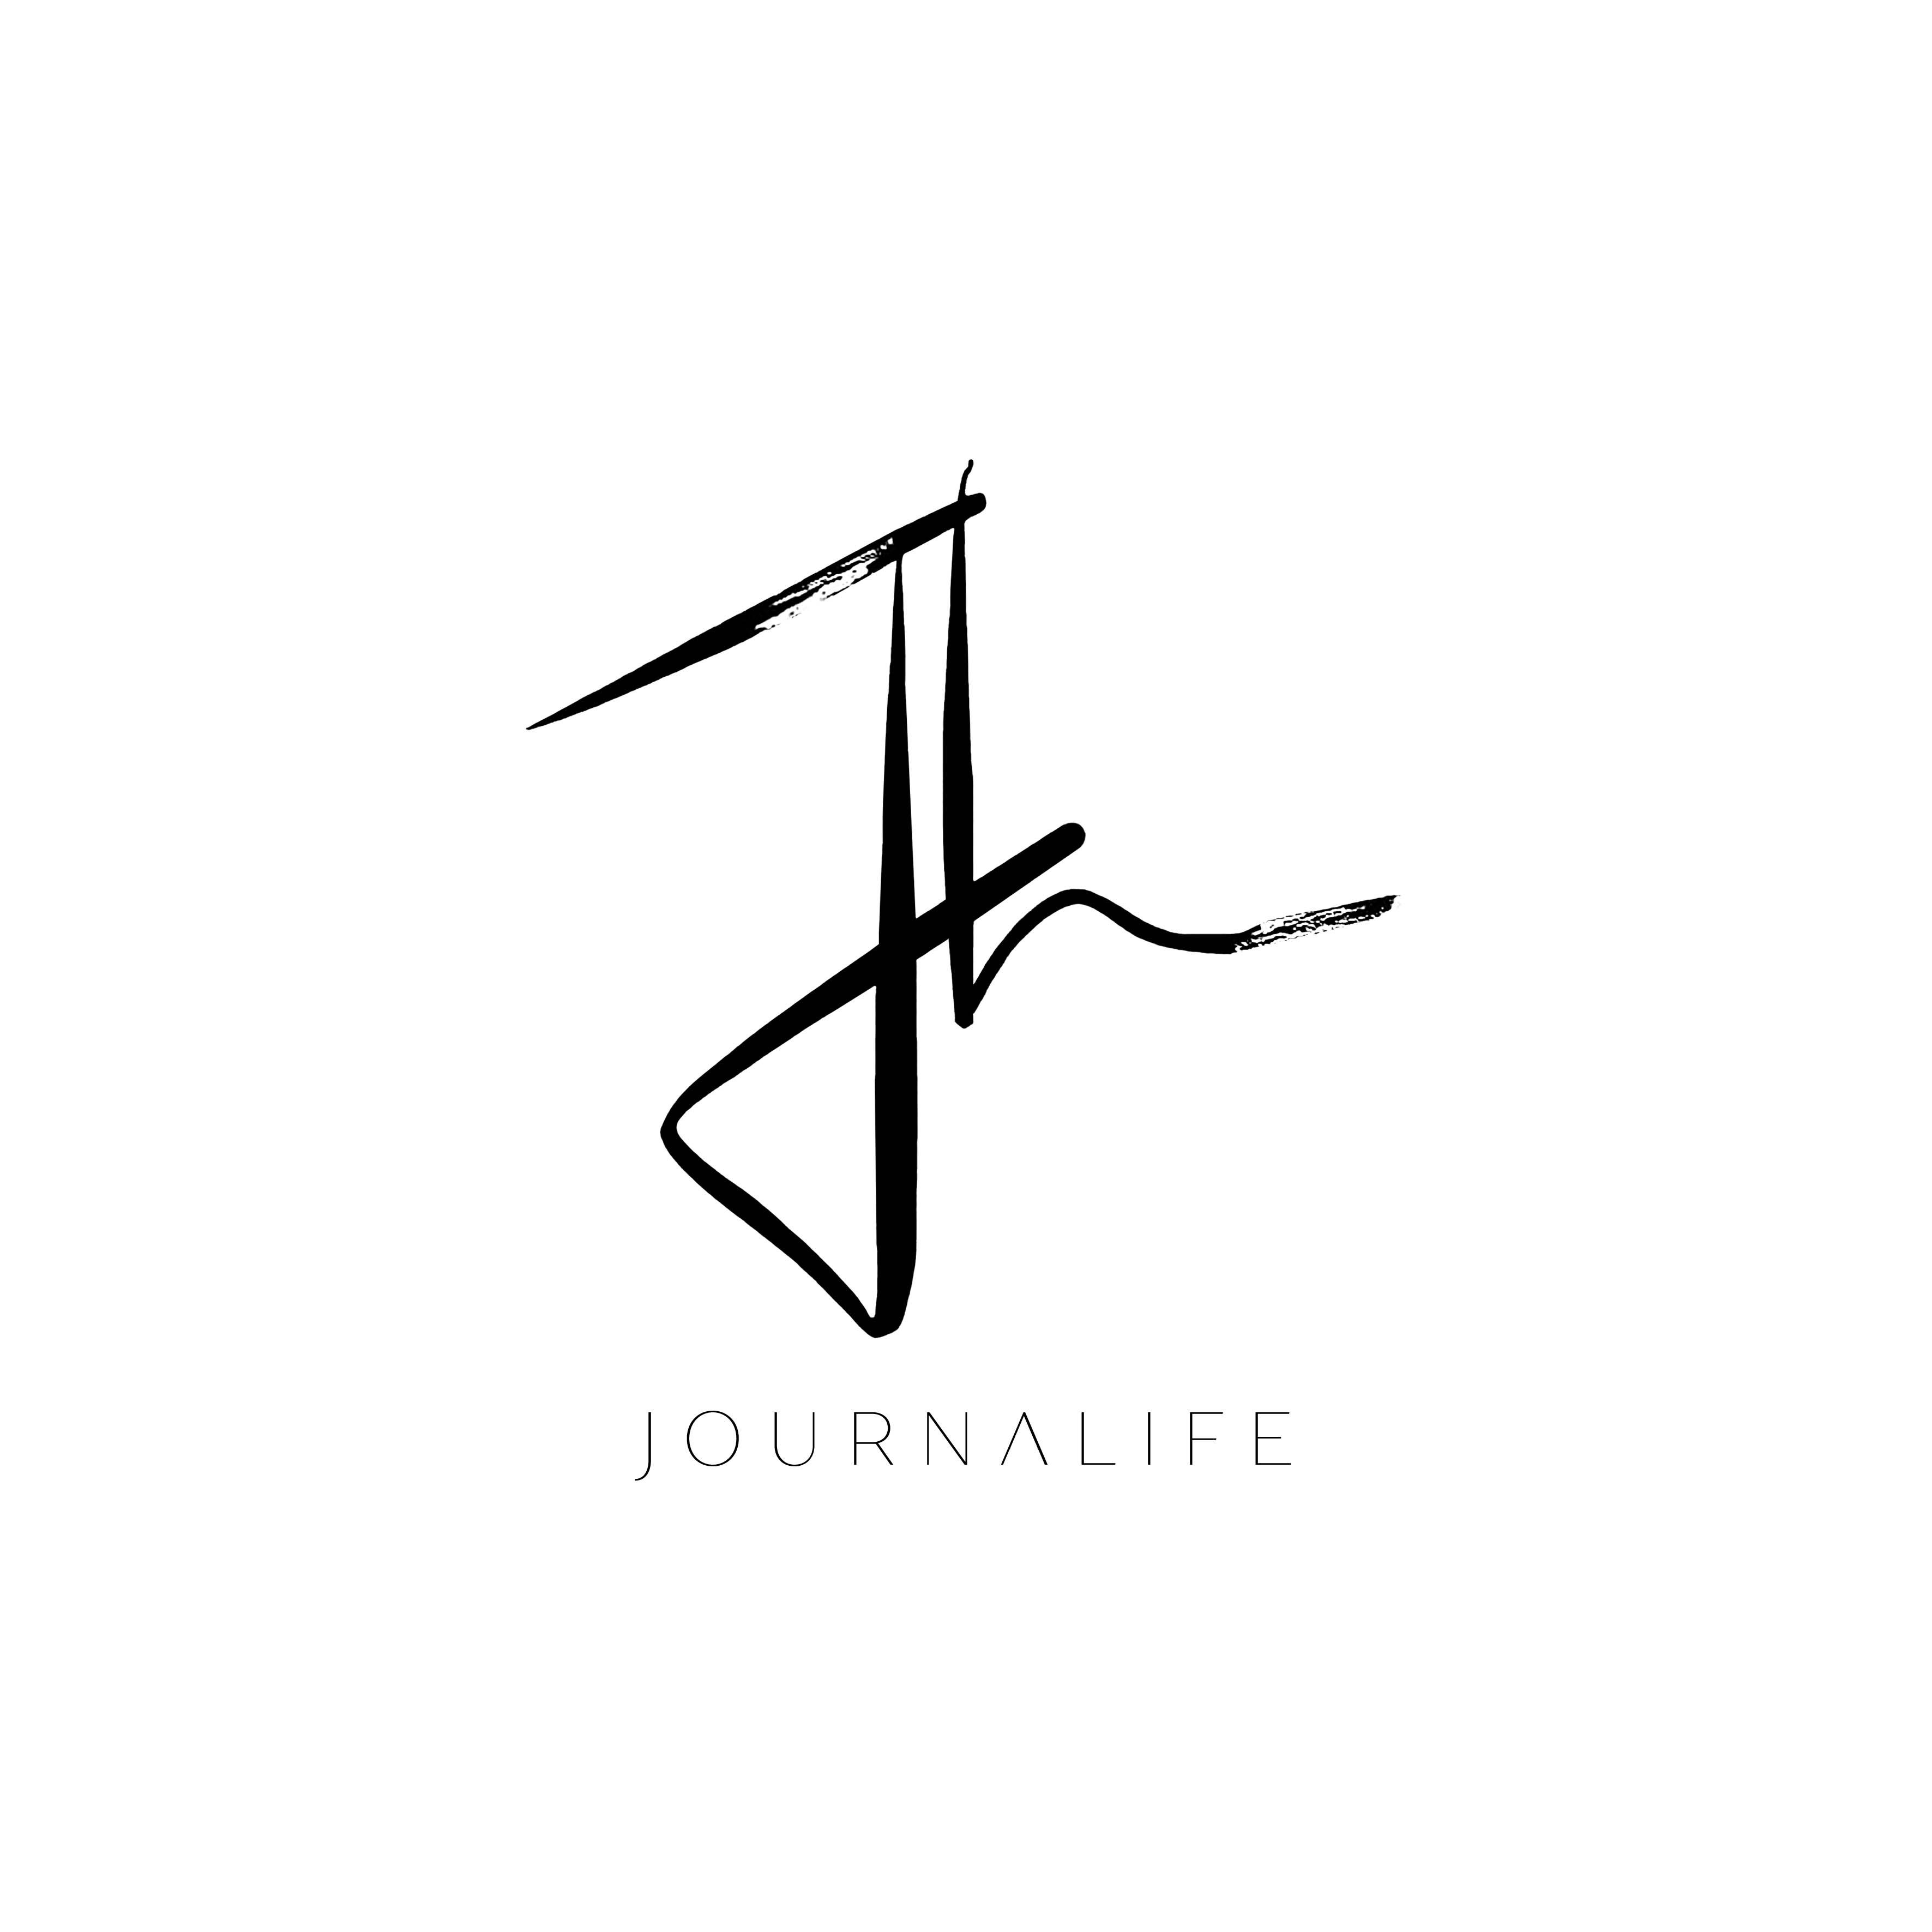 Journalife